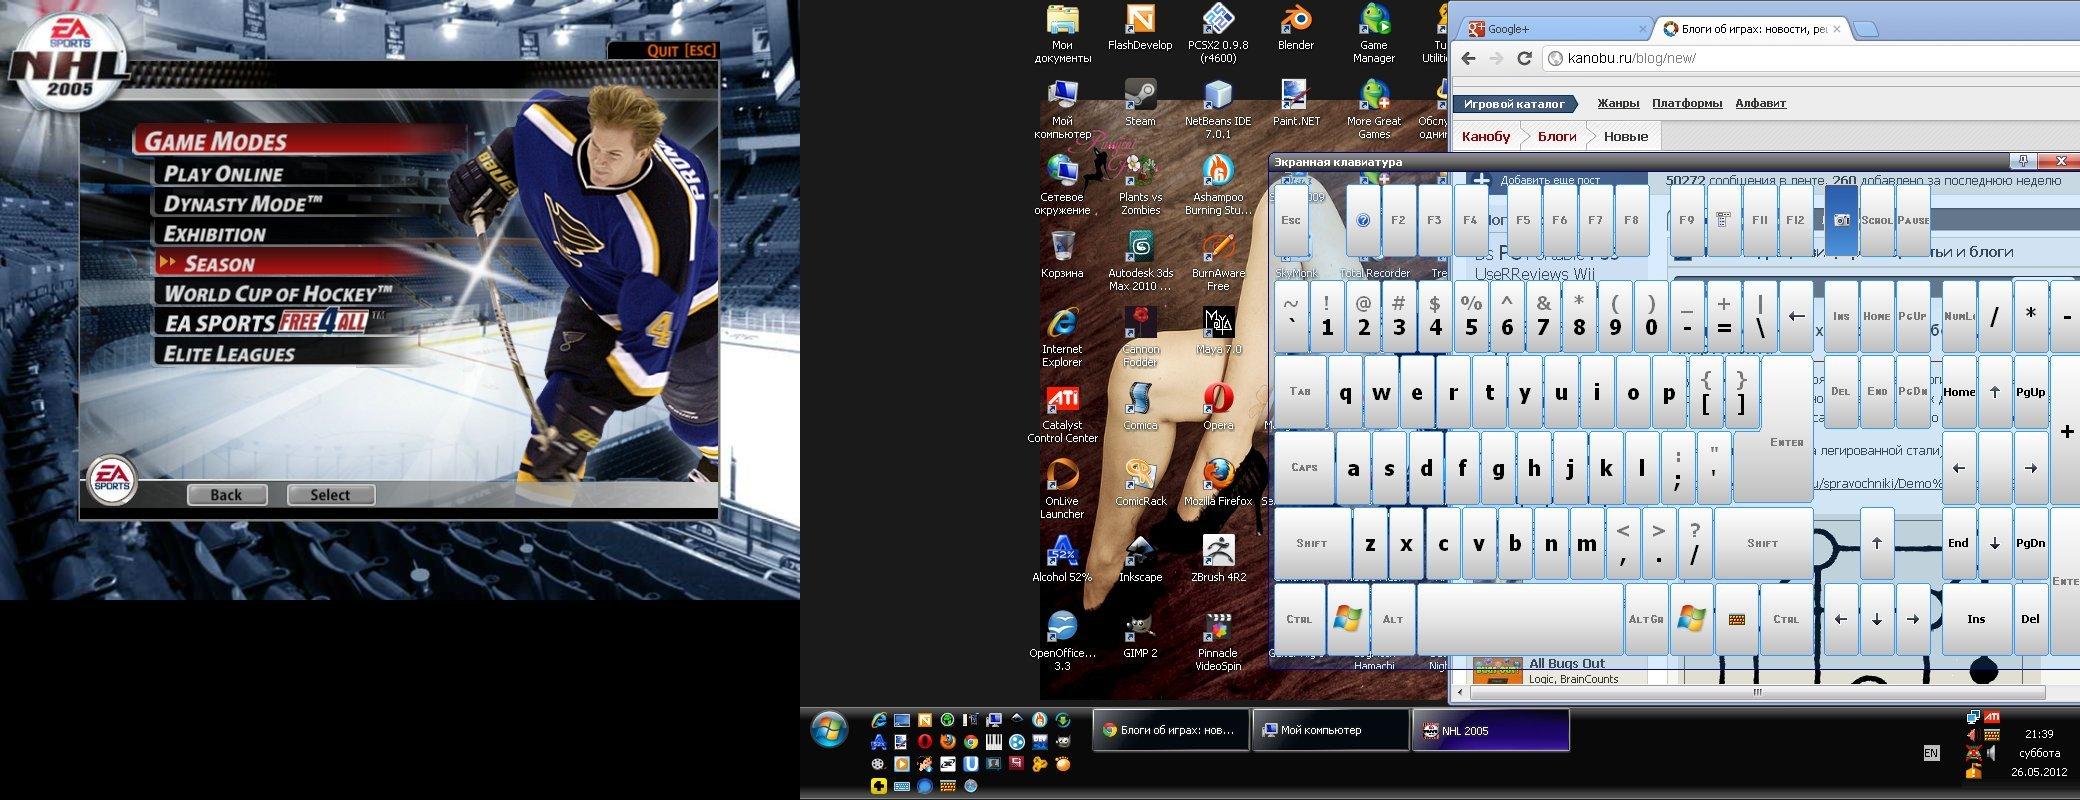 Поменял местами главный монитор ноута и монитор телевизора (игра обычно запускается на первом, а играю я в кресле с  ... - Изображение 1